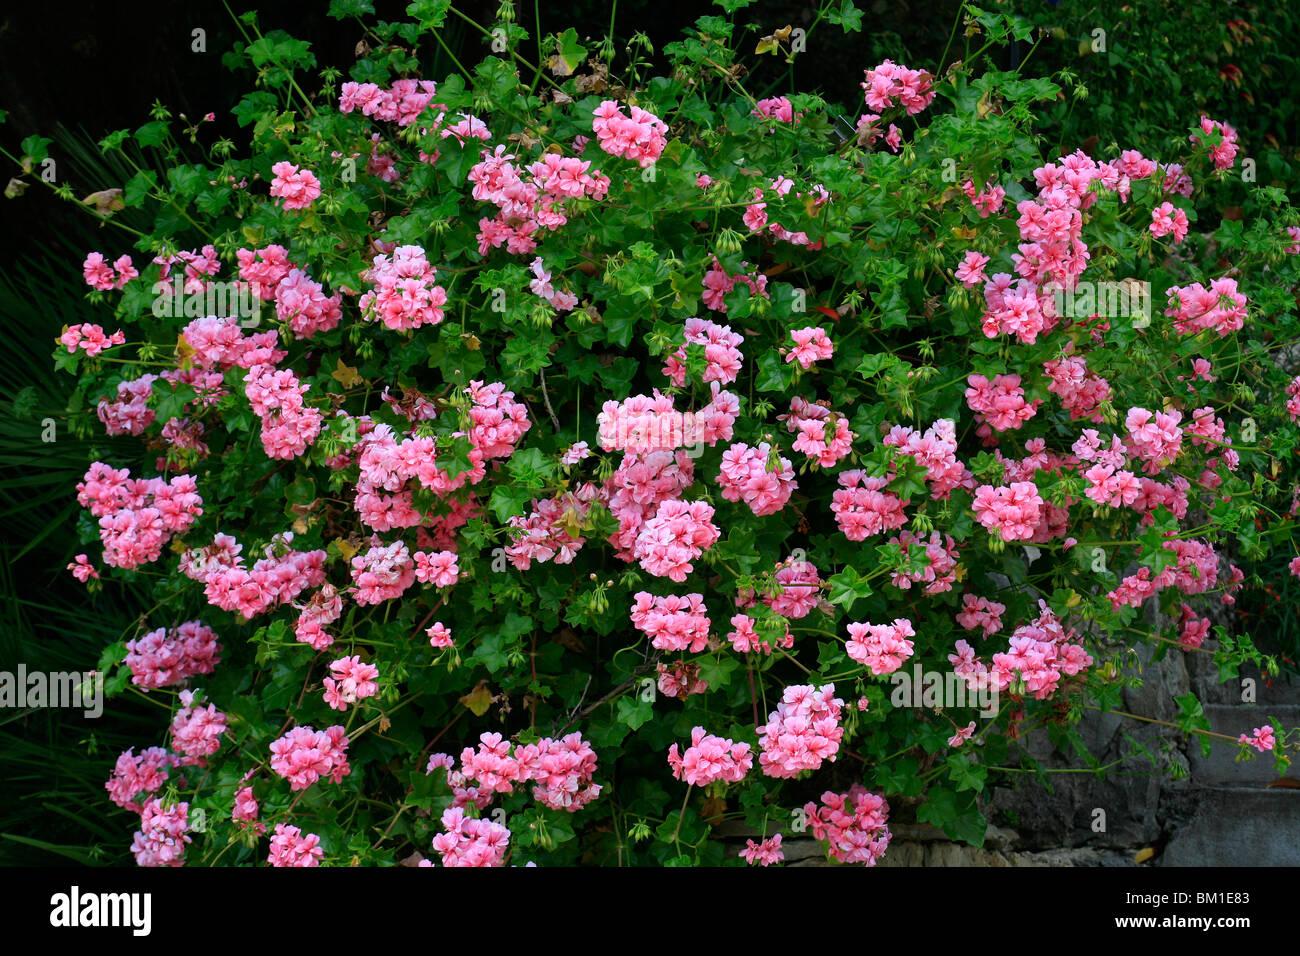 Pelargonium 'Lachs Konigin', ivy pelargonium, geranio edera - Stock Image